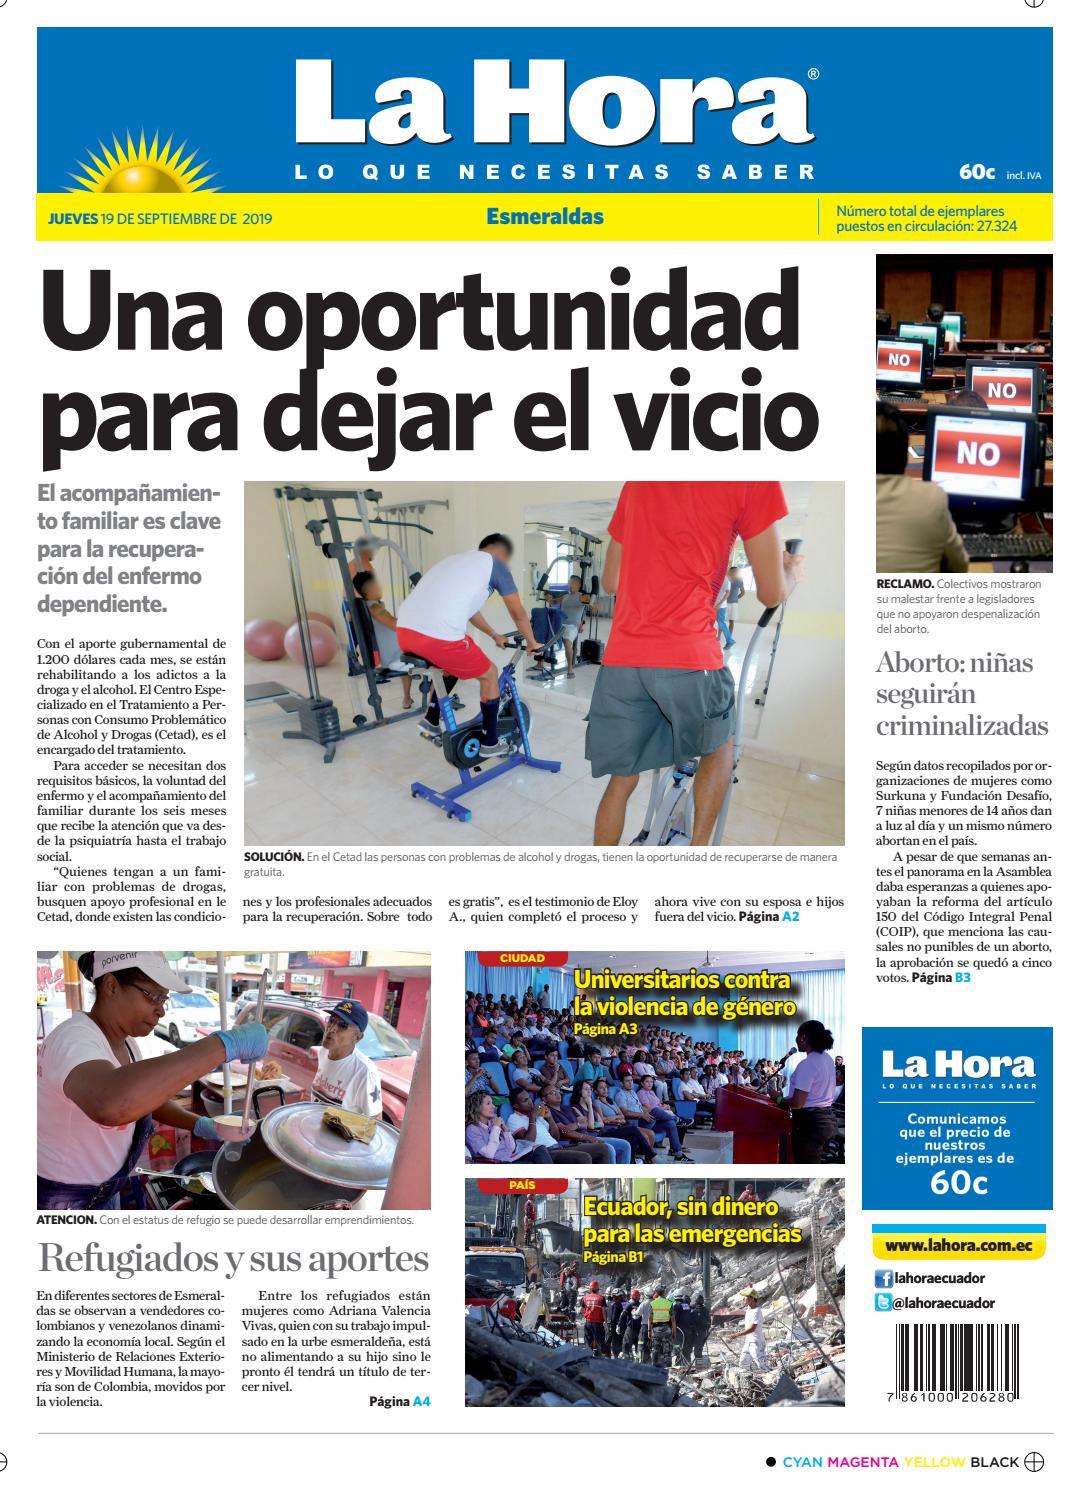 Bajar de peso bicicleta estatica guayaquil